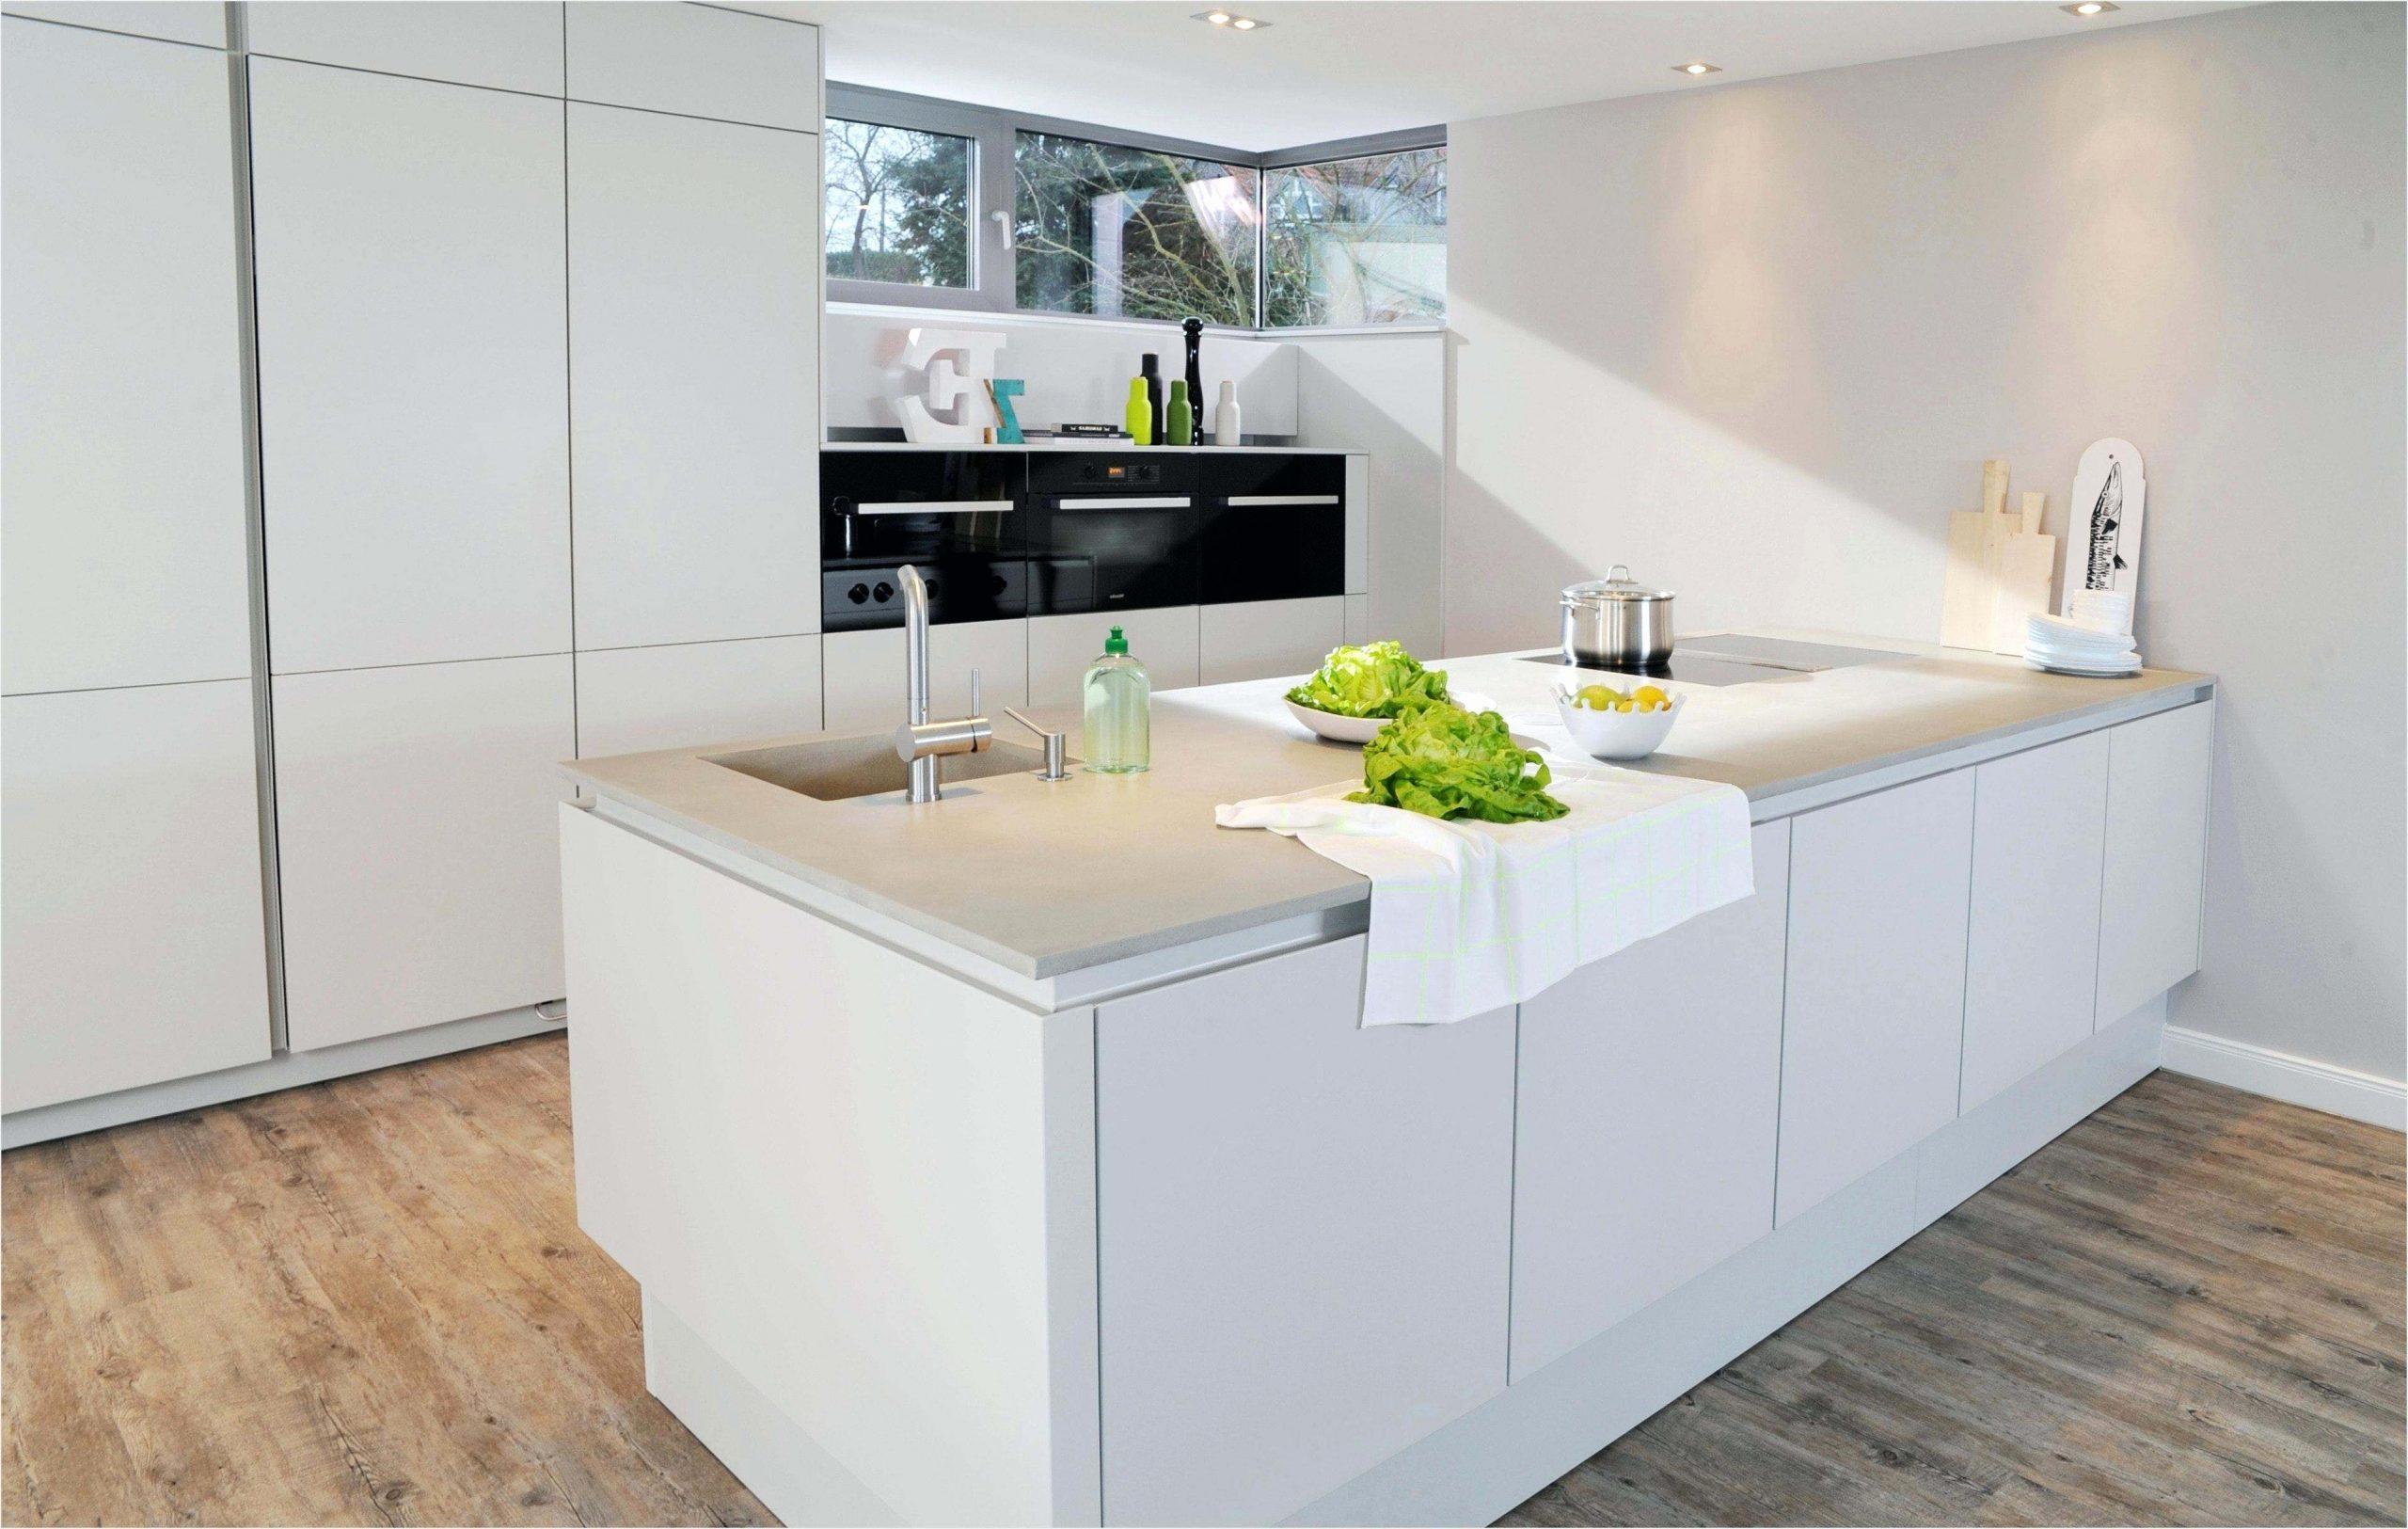 Full Size of Sitzecke Küche Modern Luxus 30 Schön Sitzecke Küche Modern Küche Sitzecke Küche